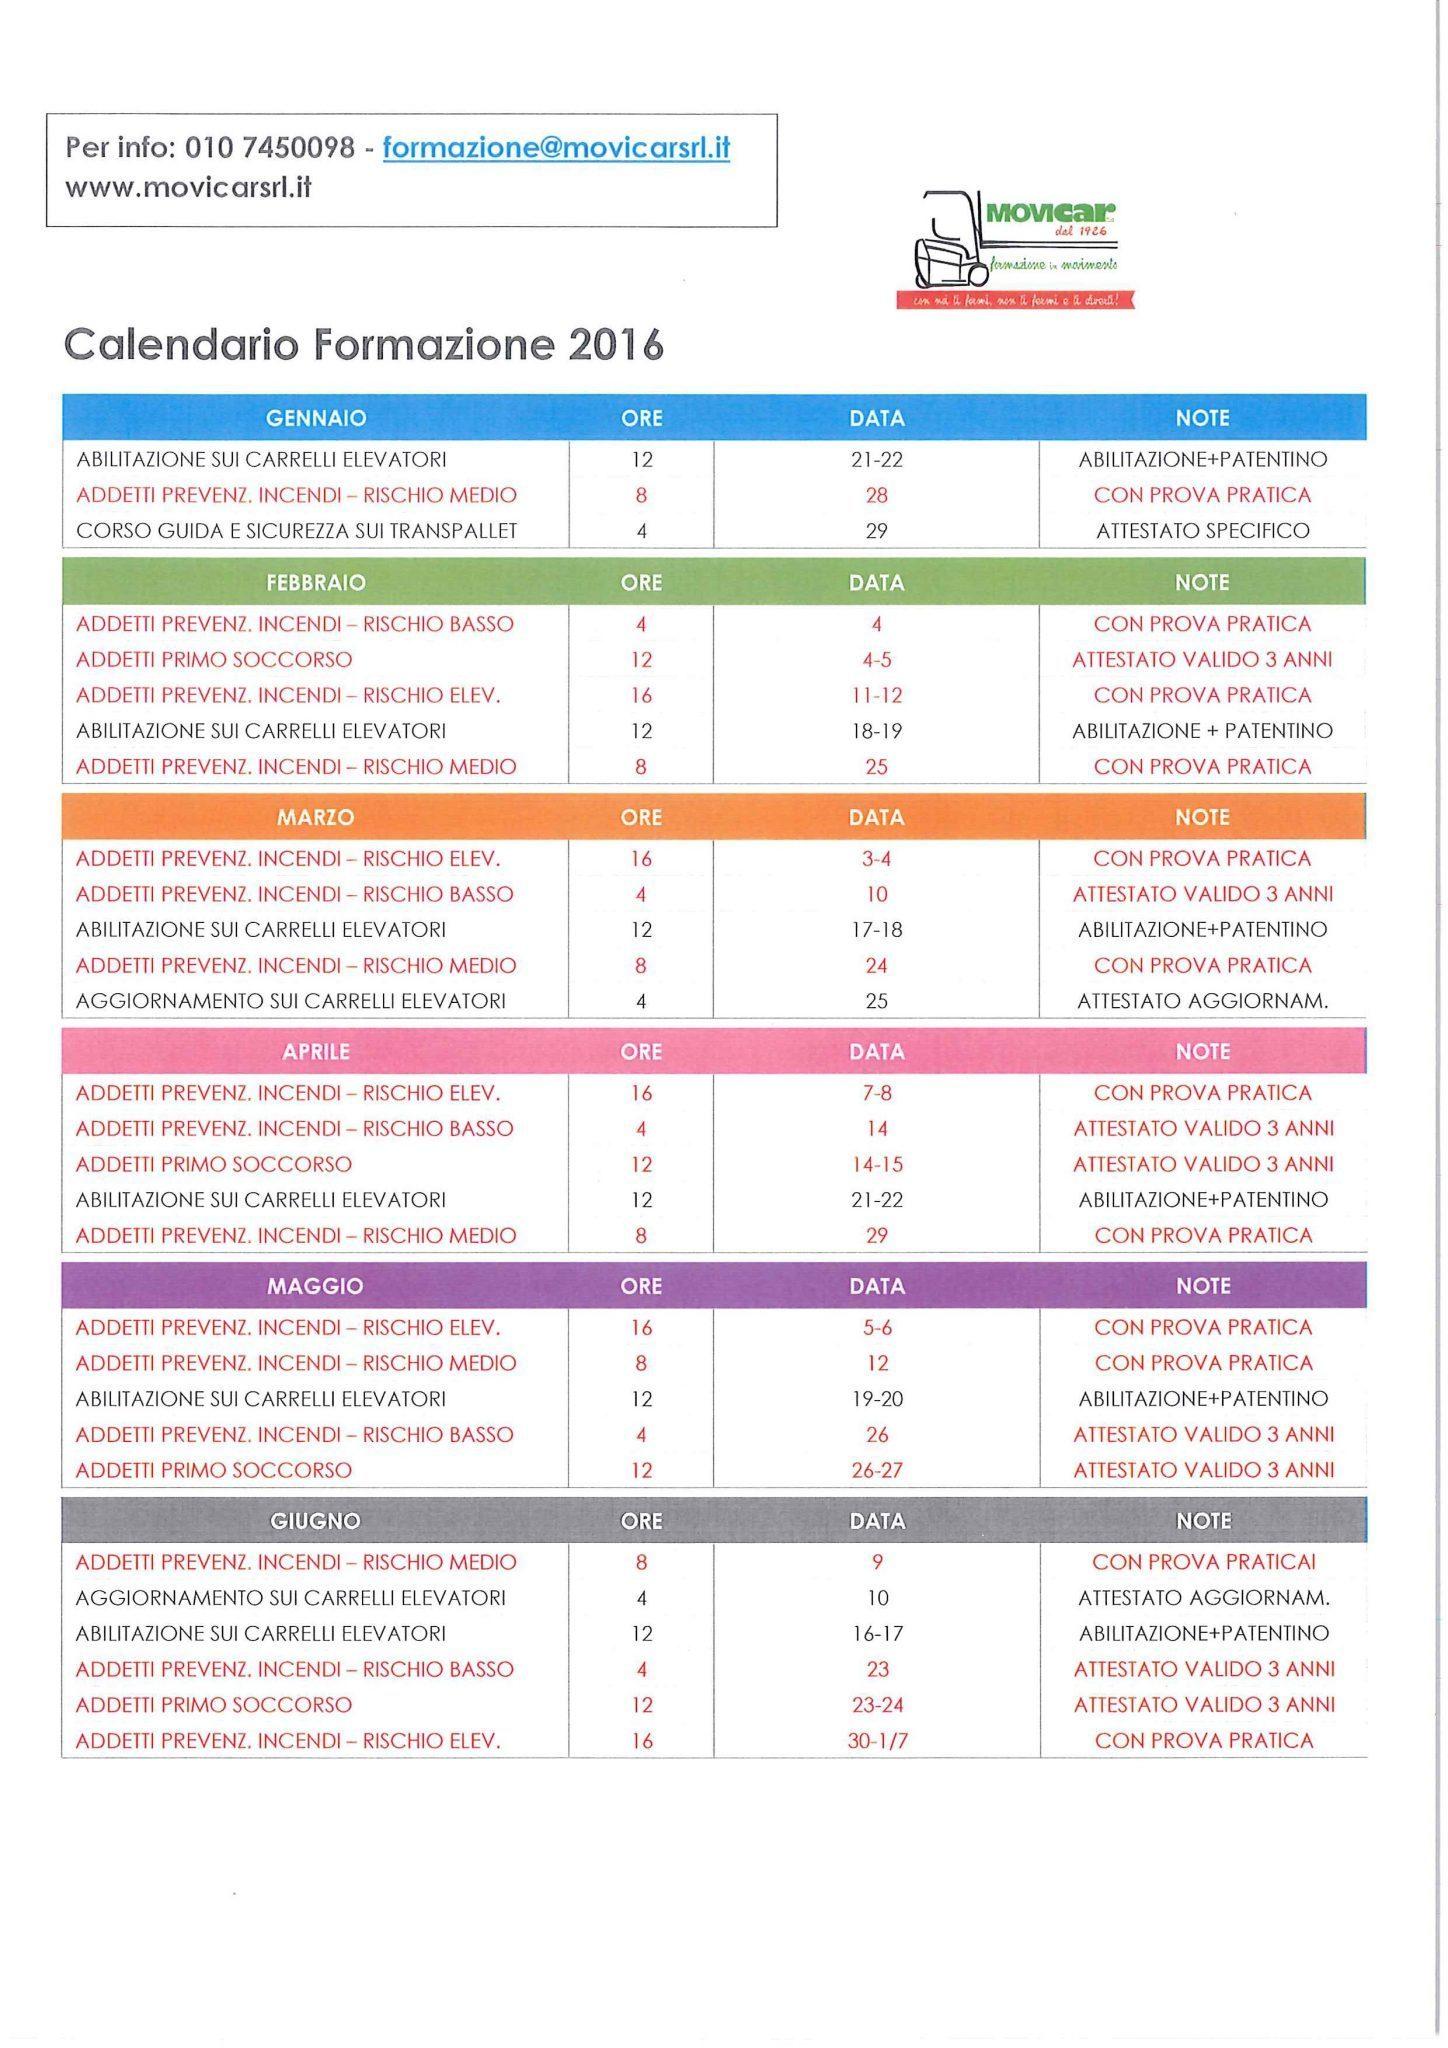 calendario formazione movicar 2016